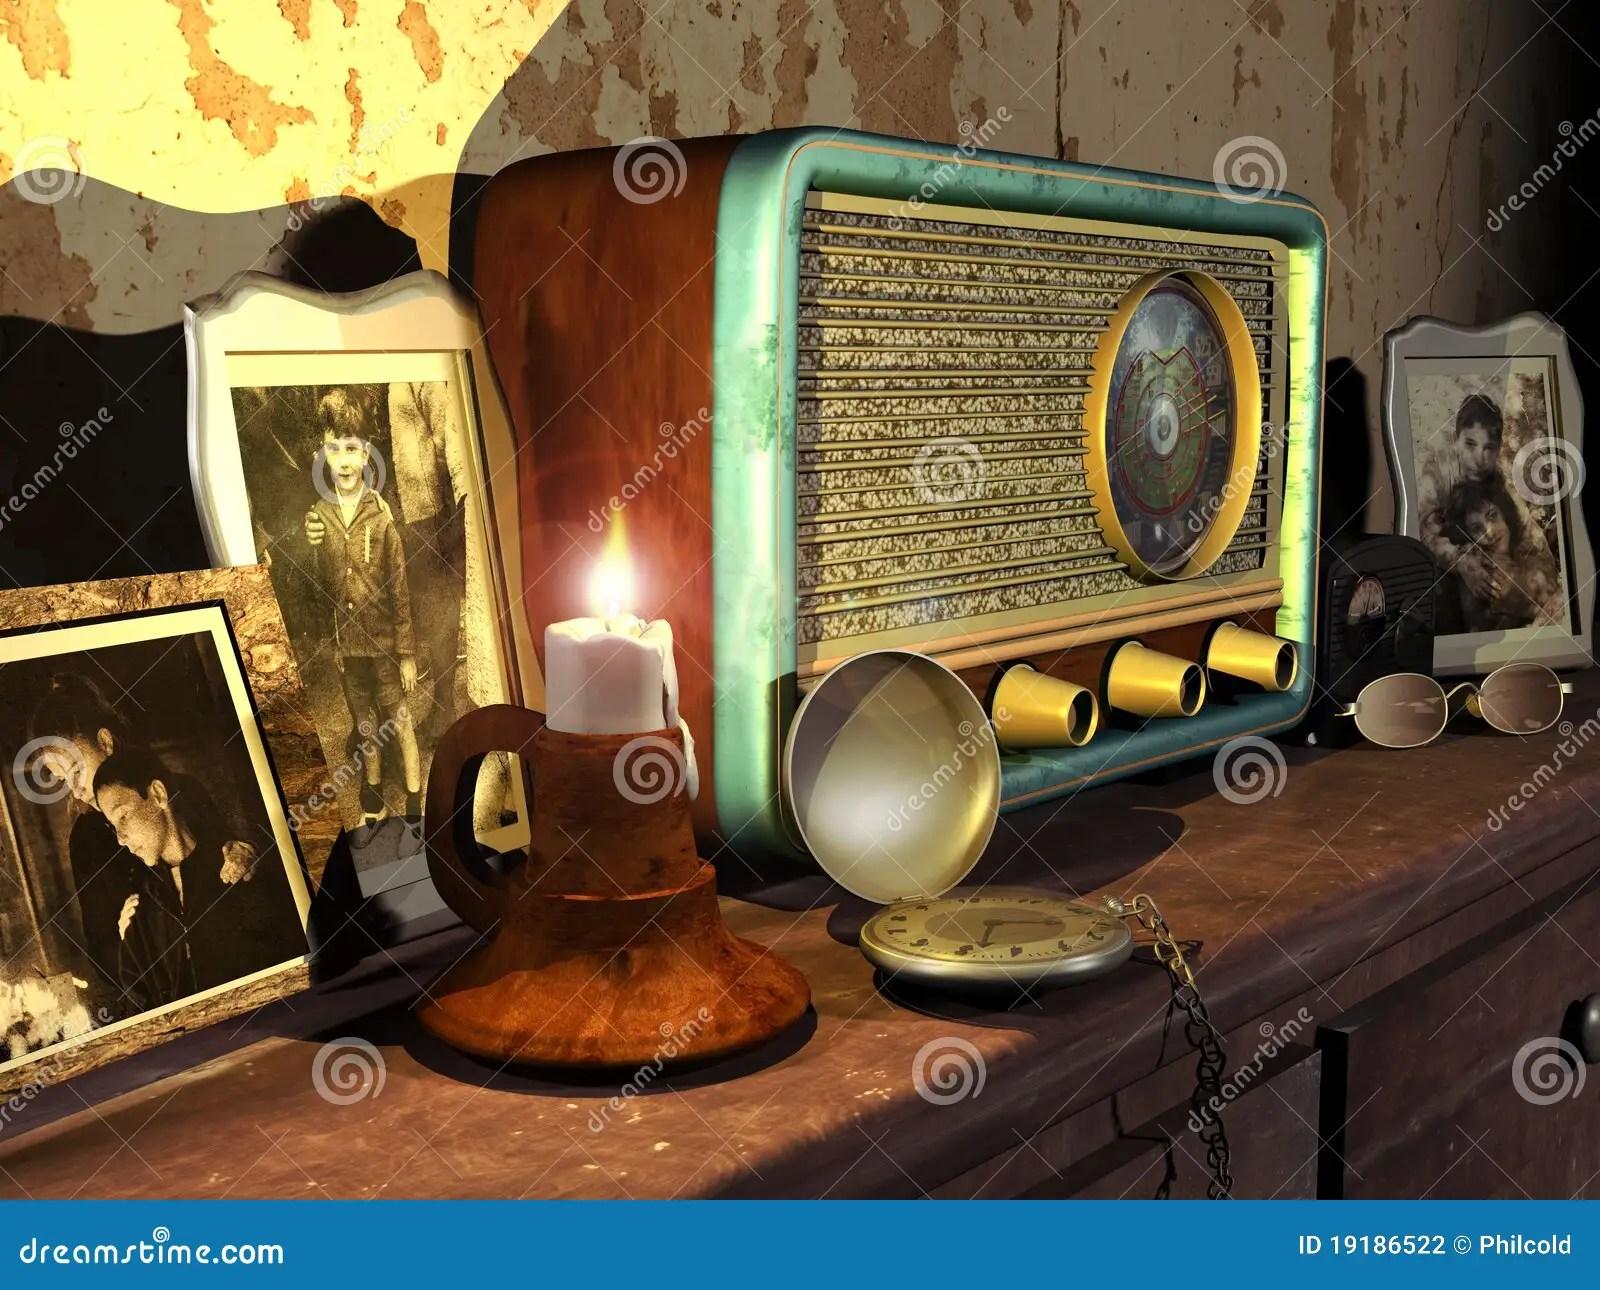 Vintage Audio Living Room